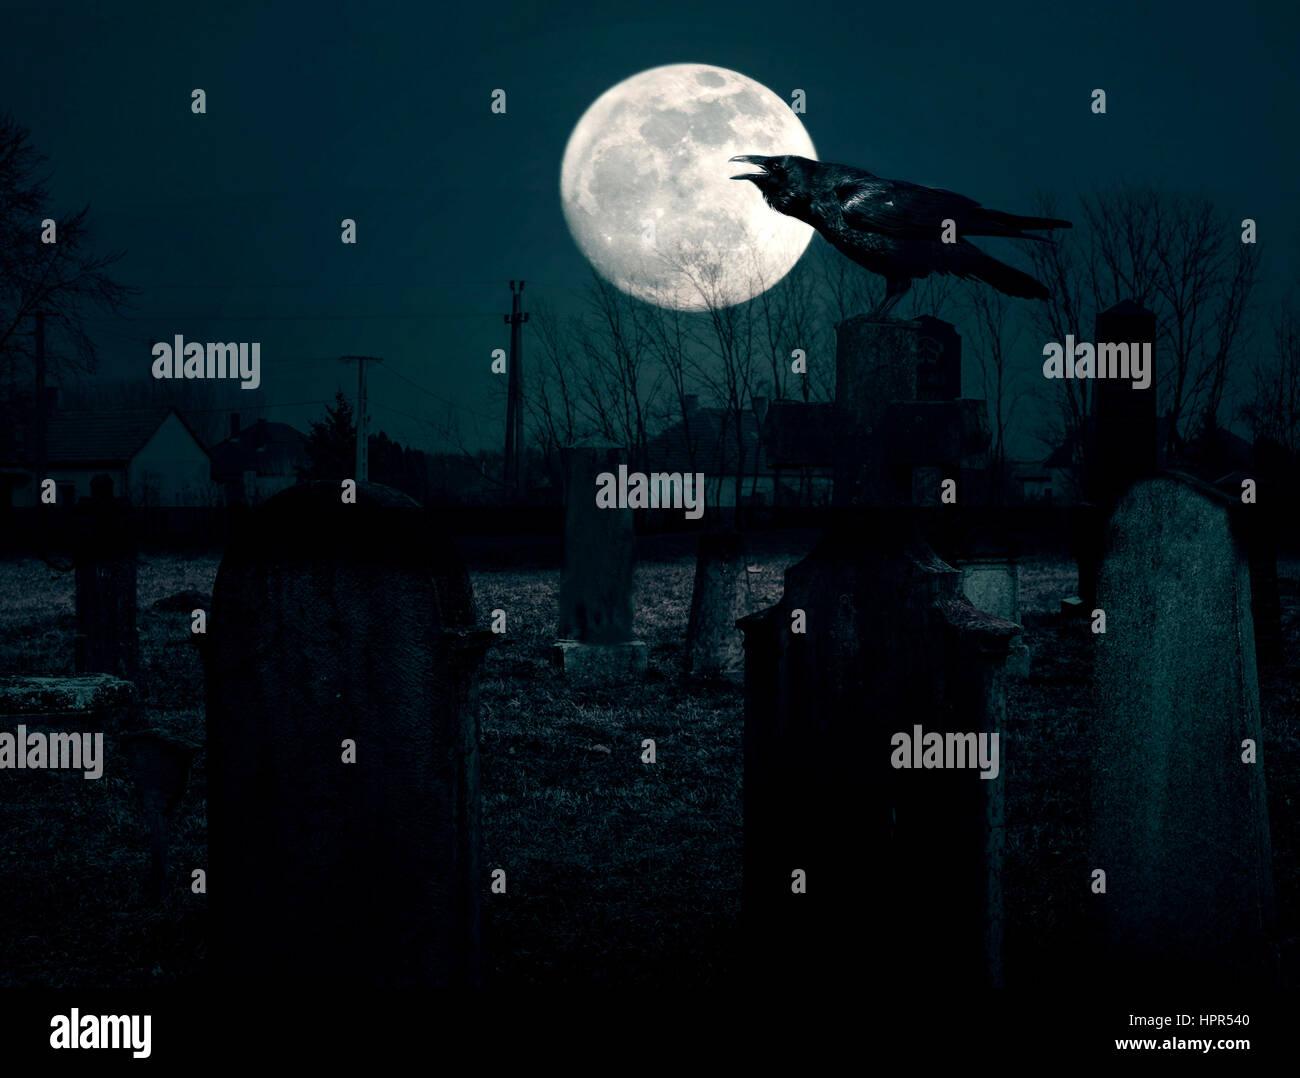 Gruseligen Friedhof bei Nacht Stockbild